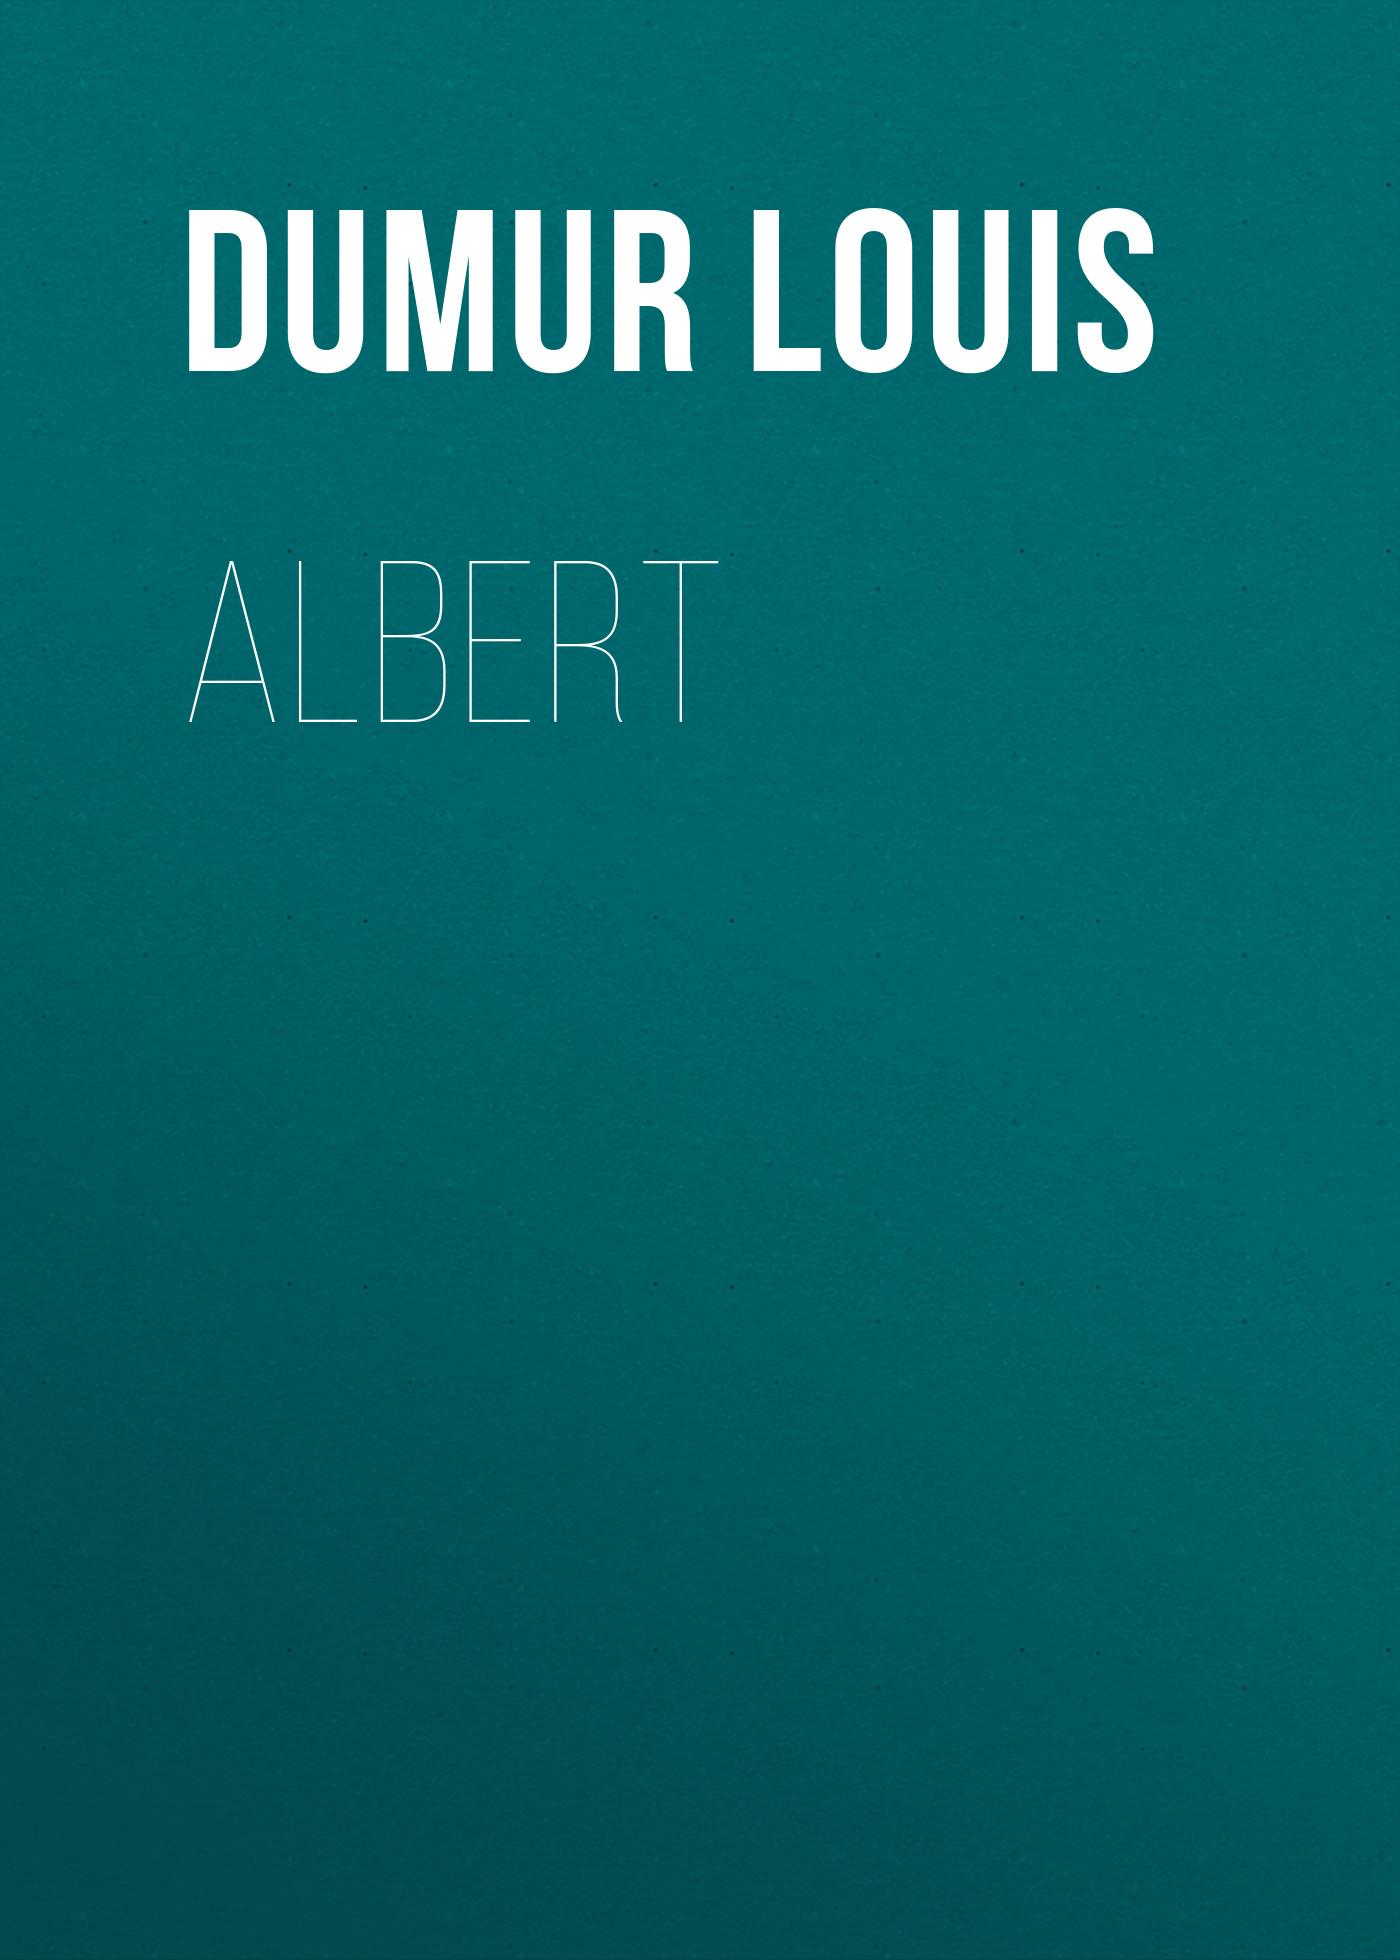 купить Dumur Louis Albert дешево